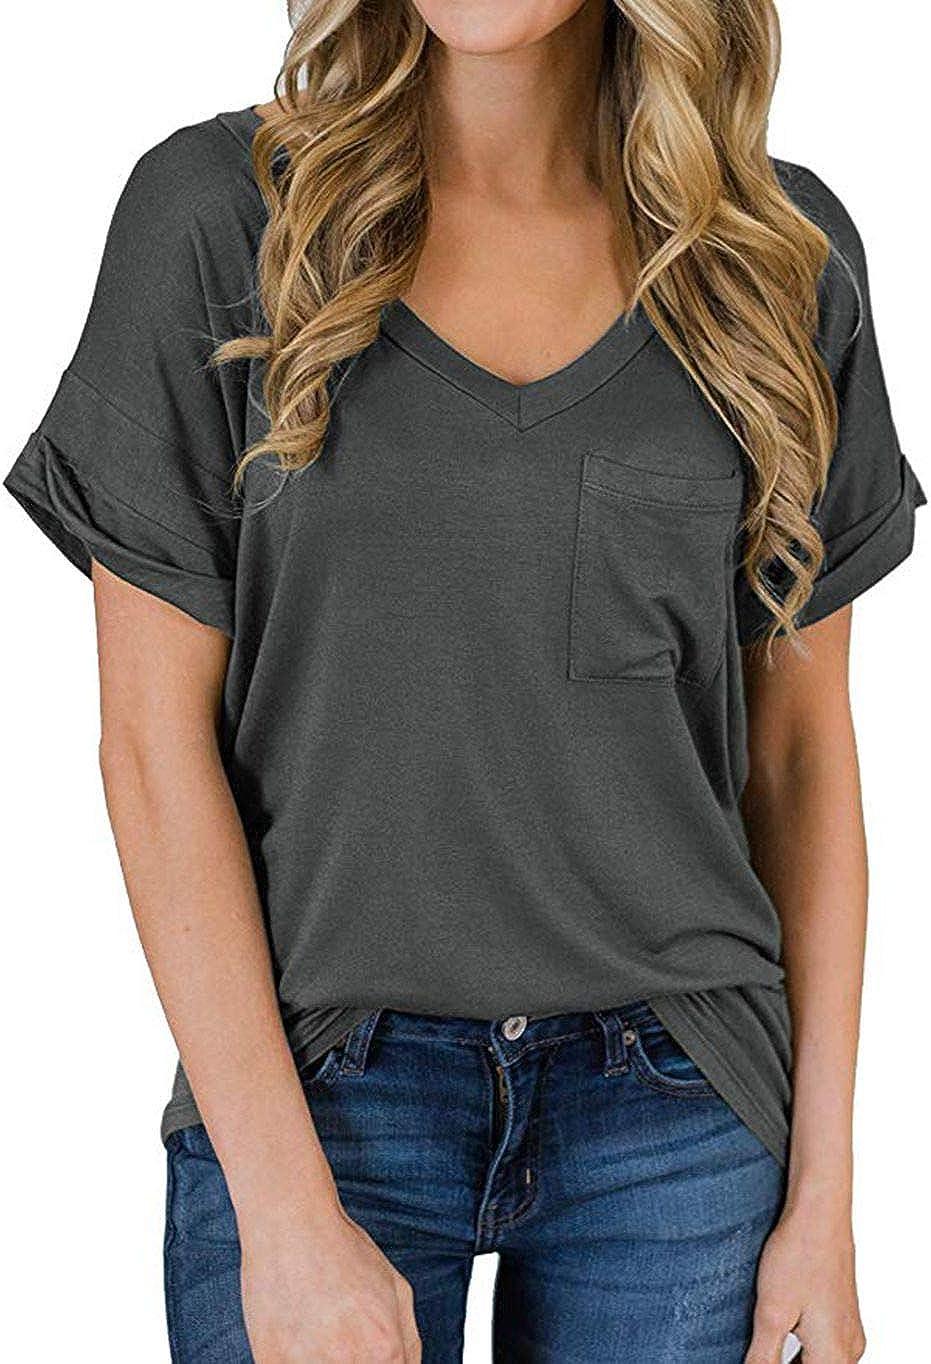 Naivikid Womens Short Sleeve V-Neck Loose Casual Tee T-Shirt Tops S-3XL